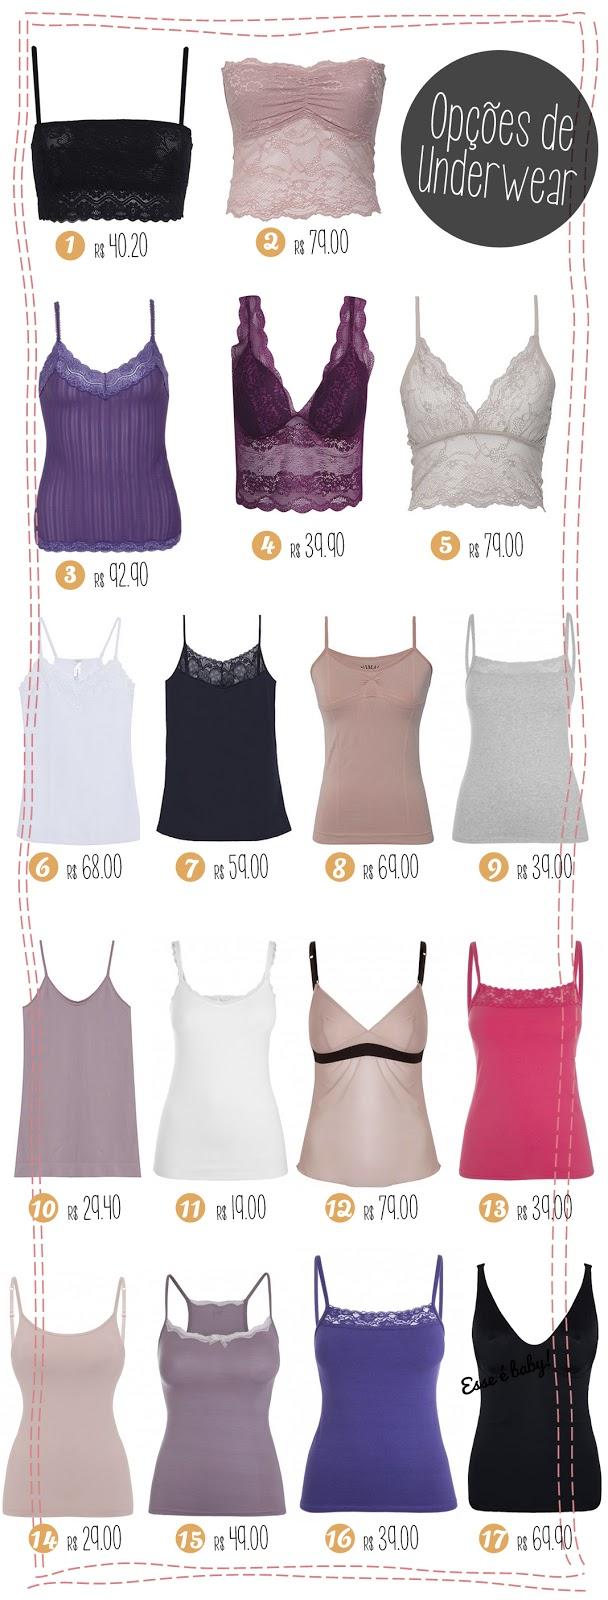 camisete, corpete, modelador, top, cores, preços, ofertas, moda, praticidade